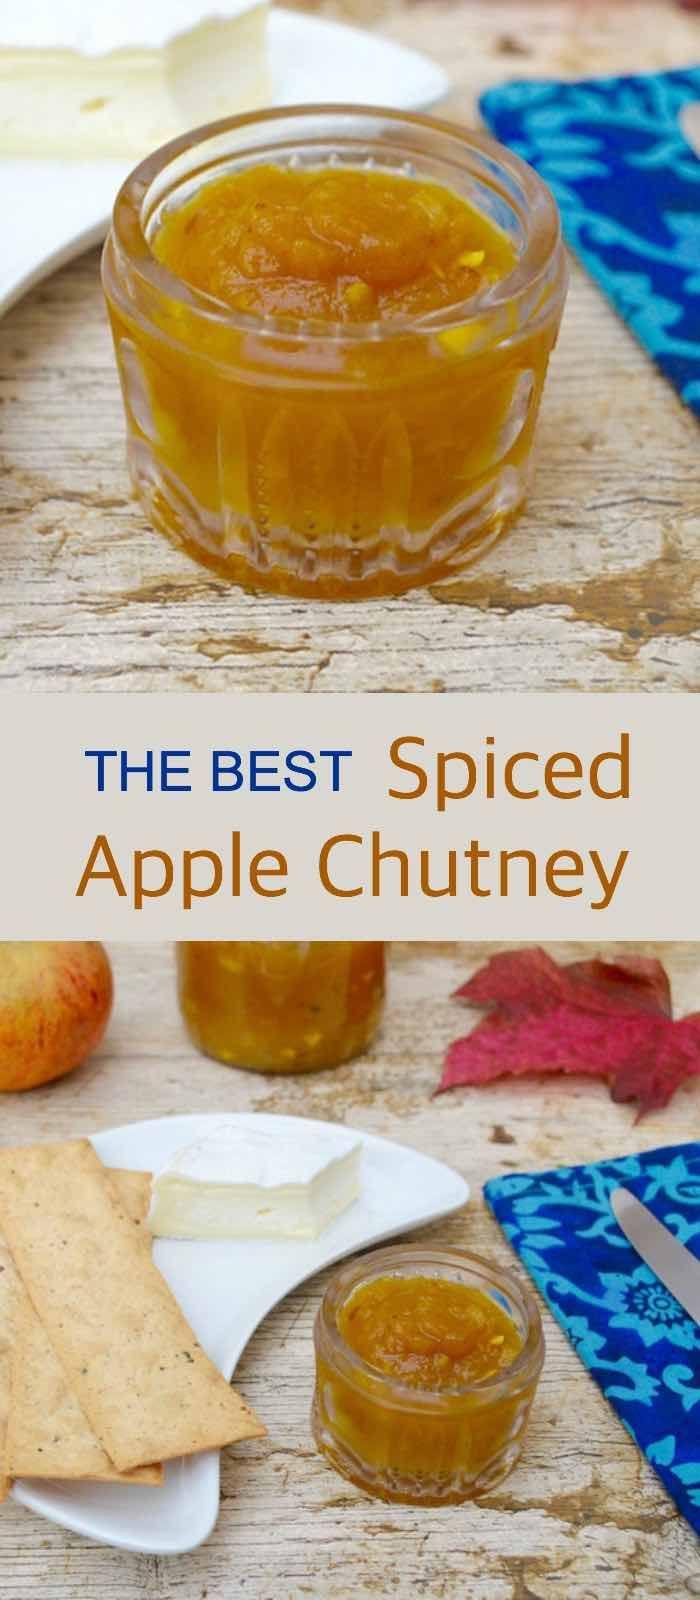 Spiced Apple Chutney